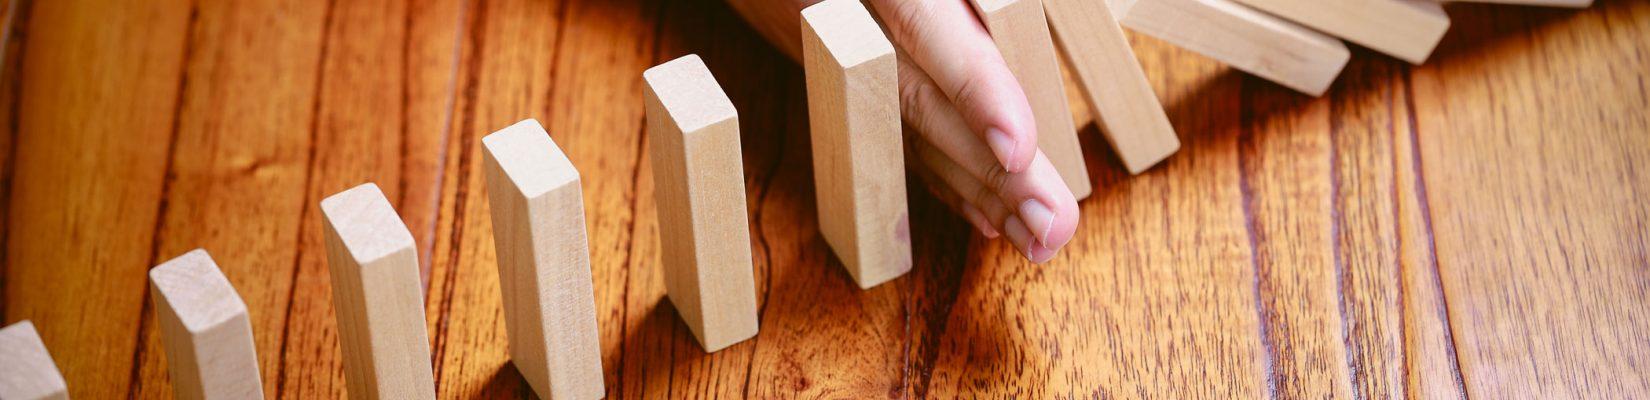 Hände halten Dominosteine auf